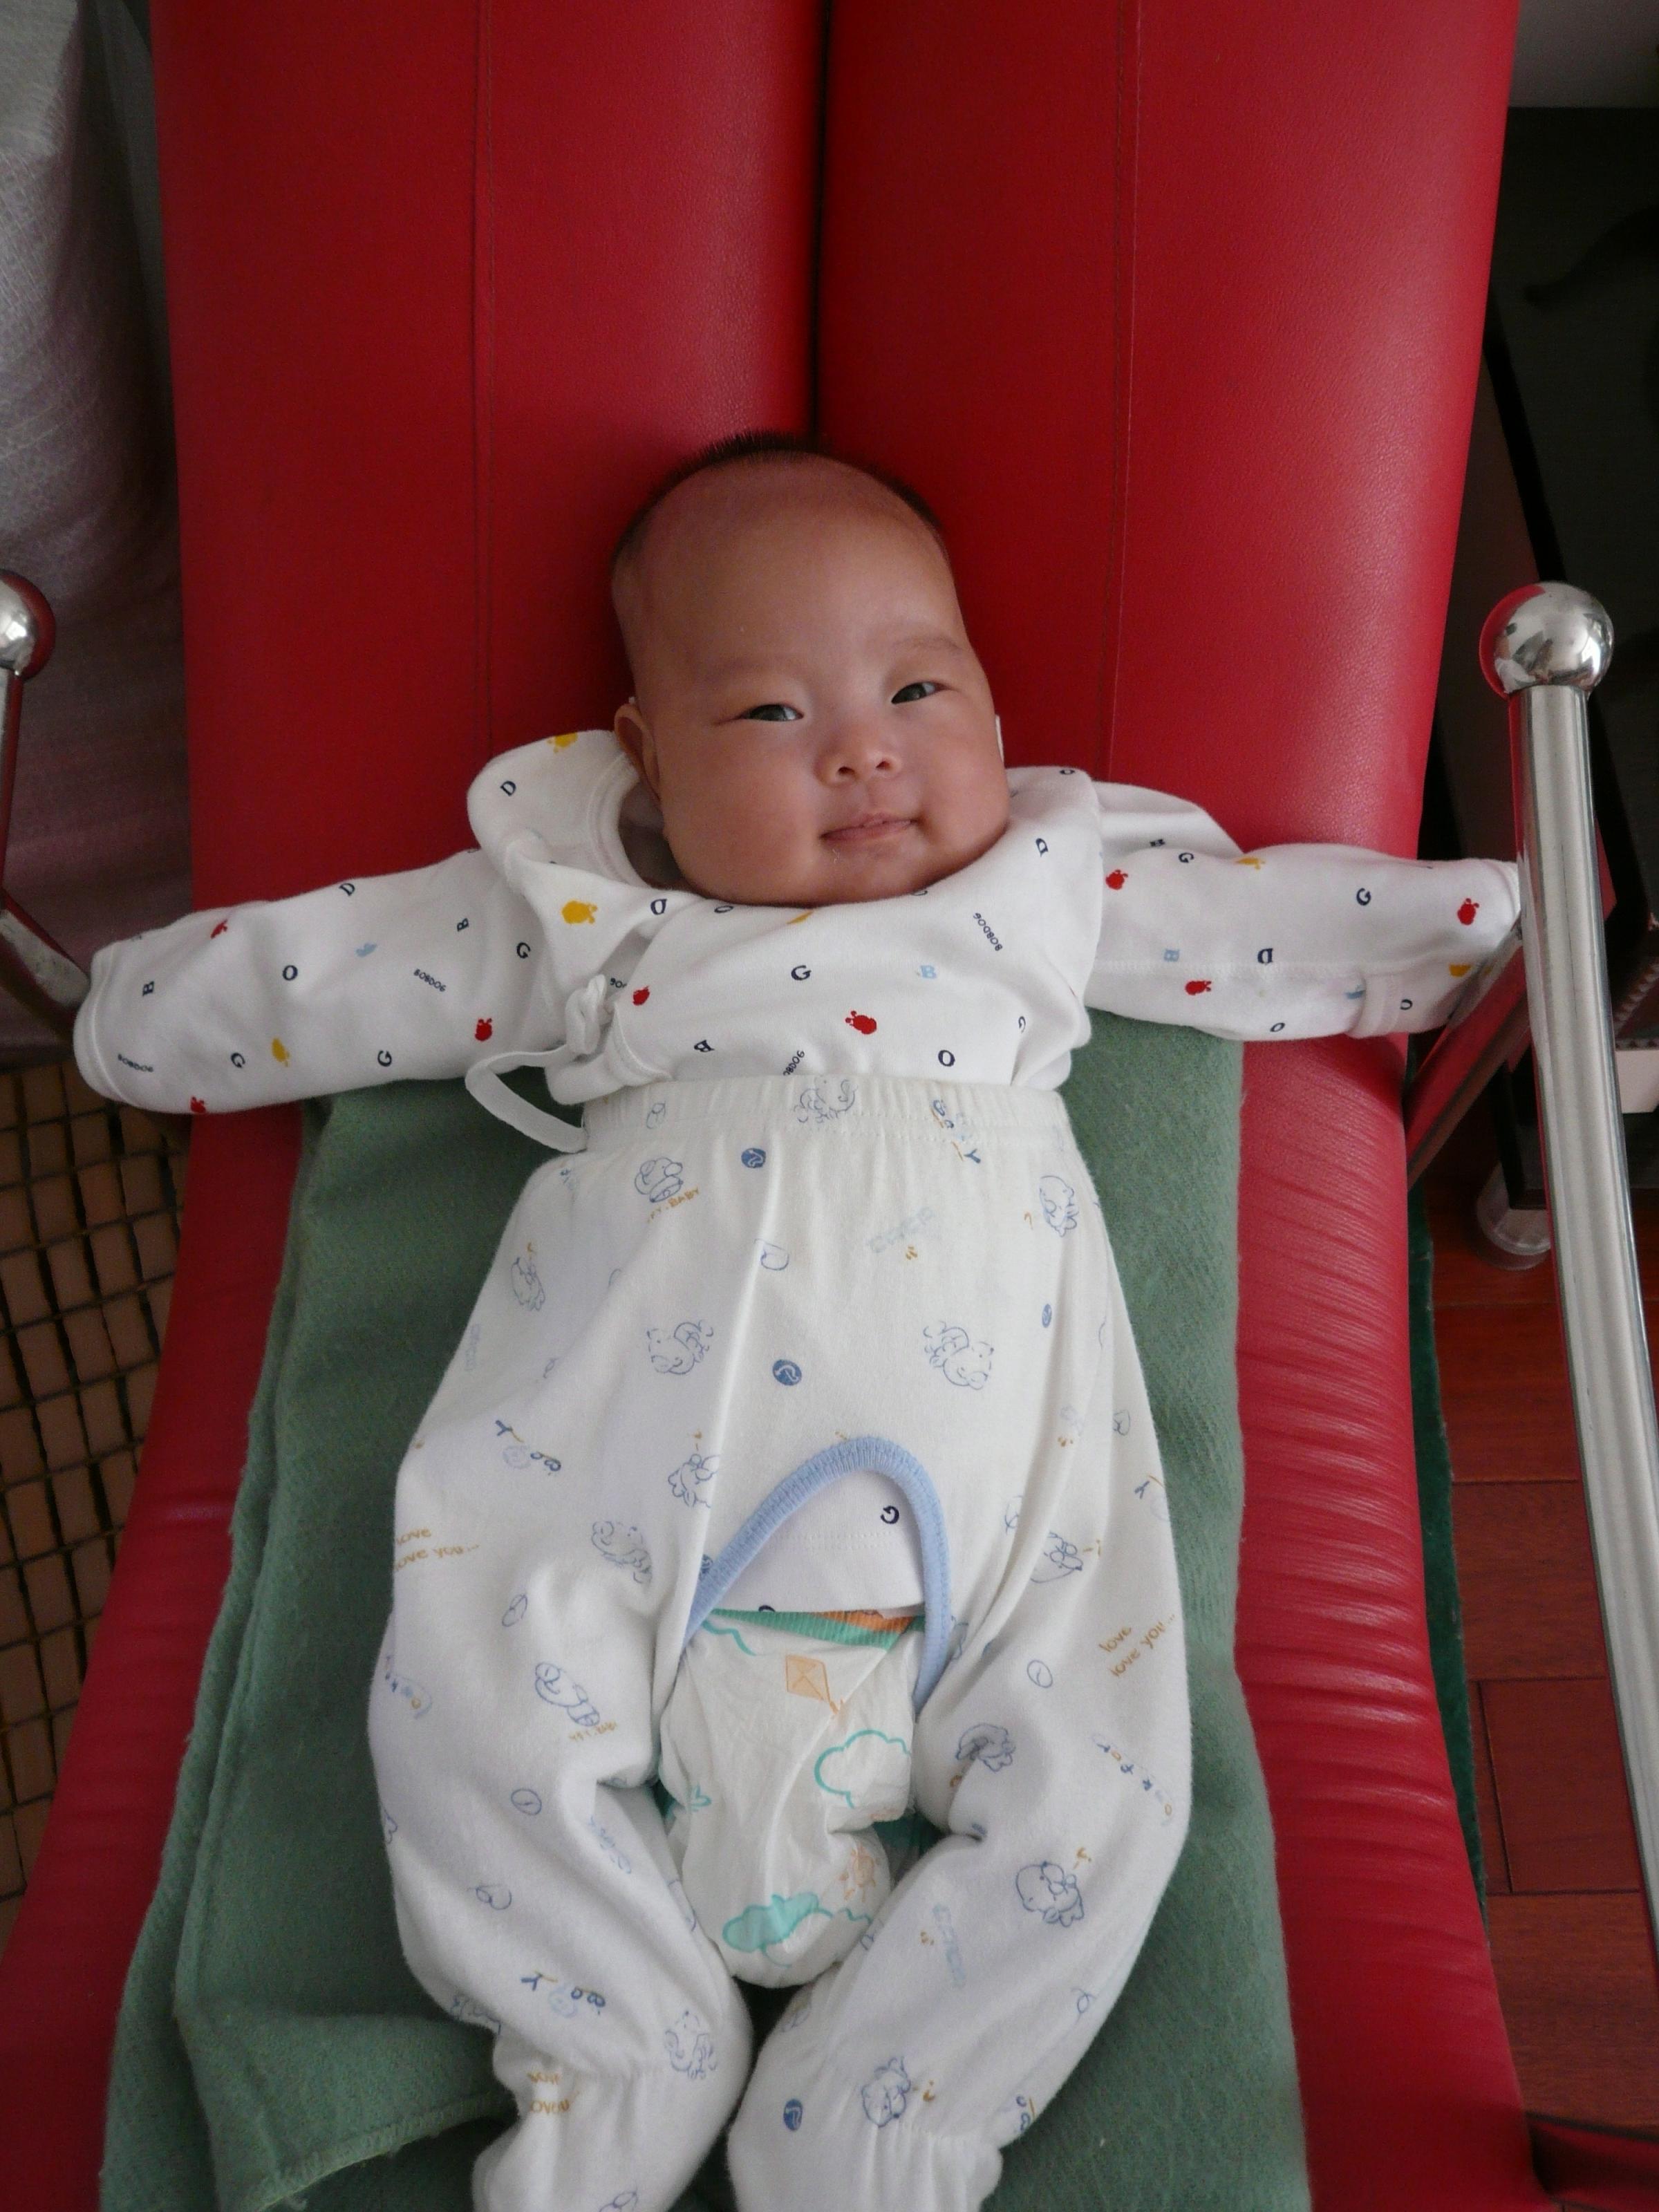 一百天的宝宝发育标准是什么 一百天的宝宝怎么喂... -快速问医生